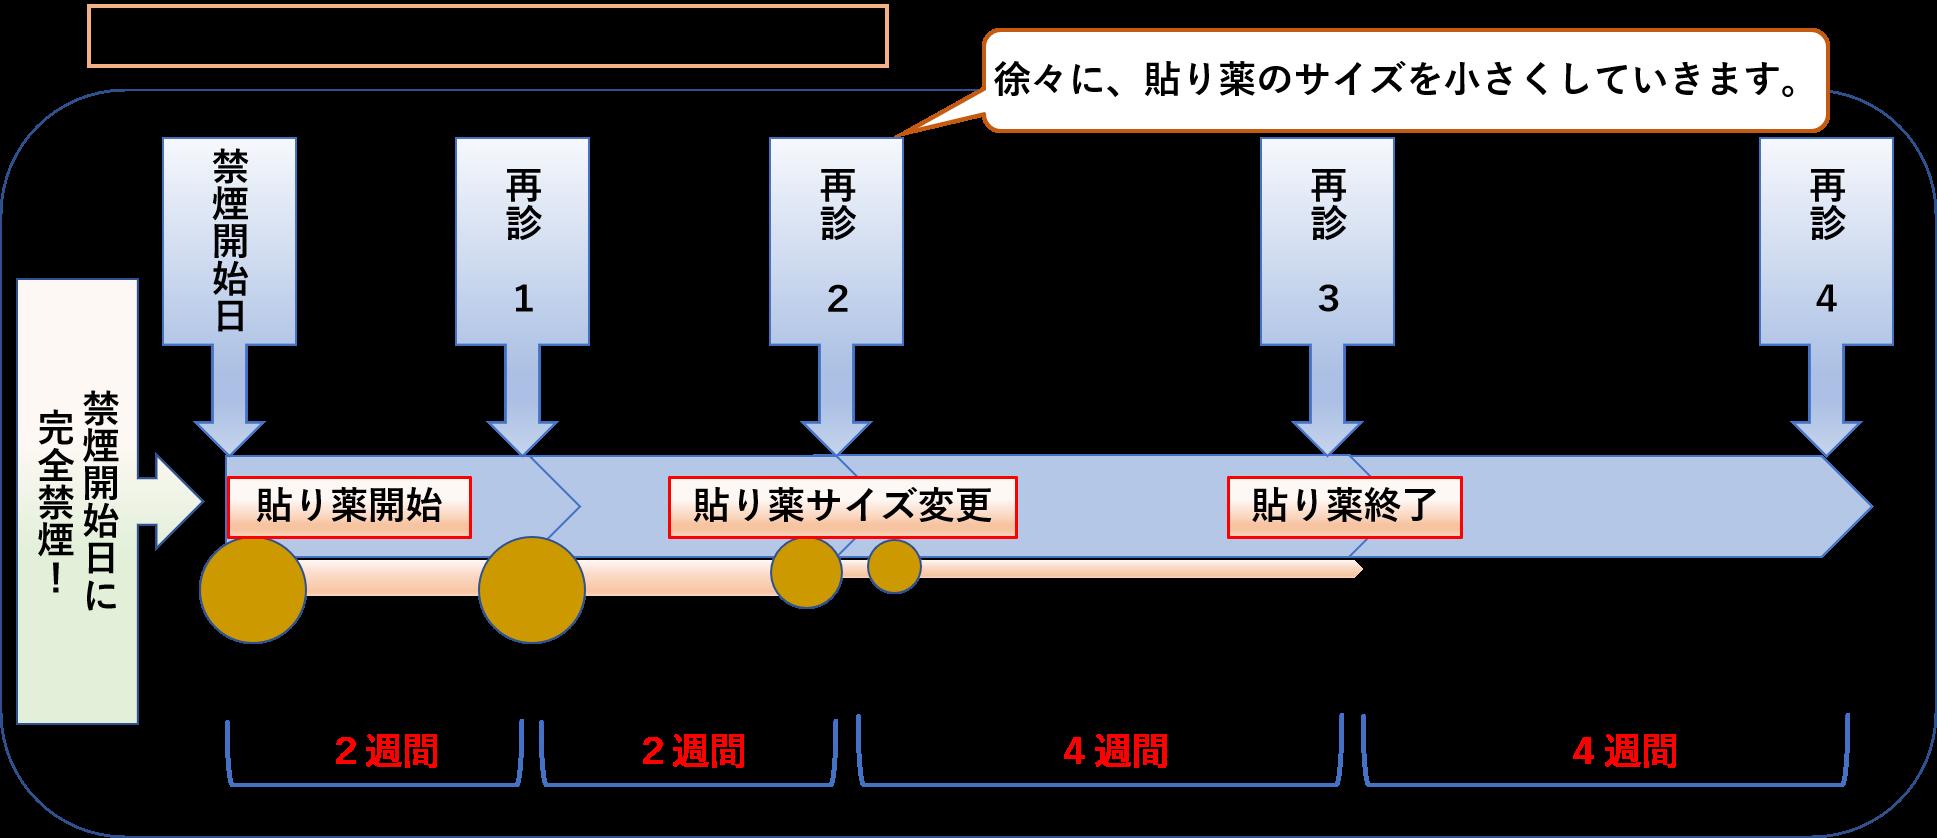 ニコチネルパッチ服用方法